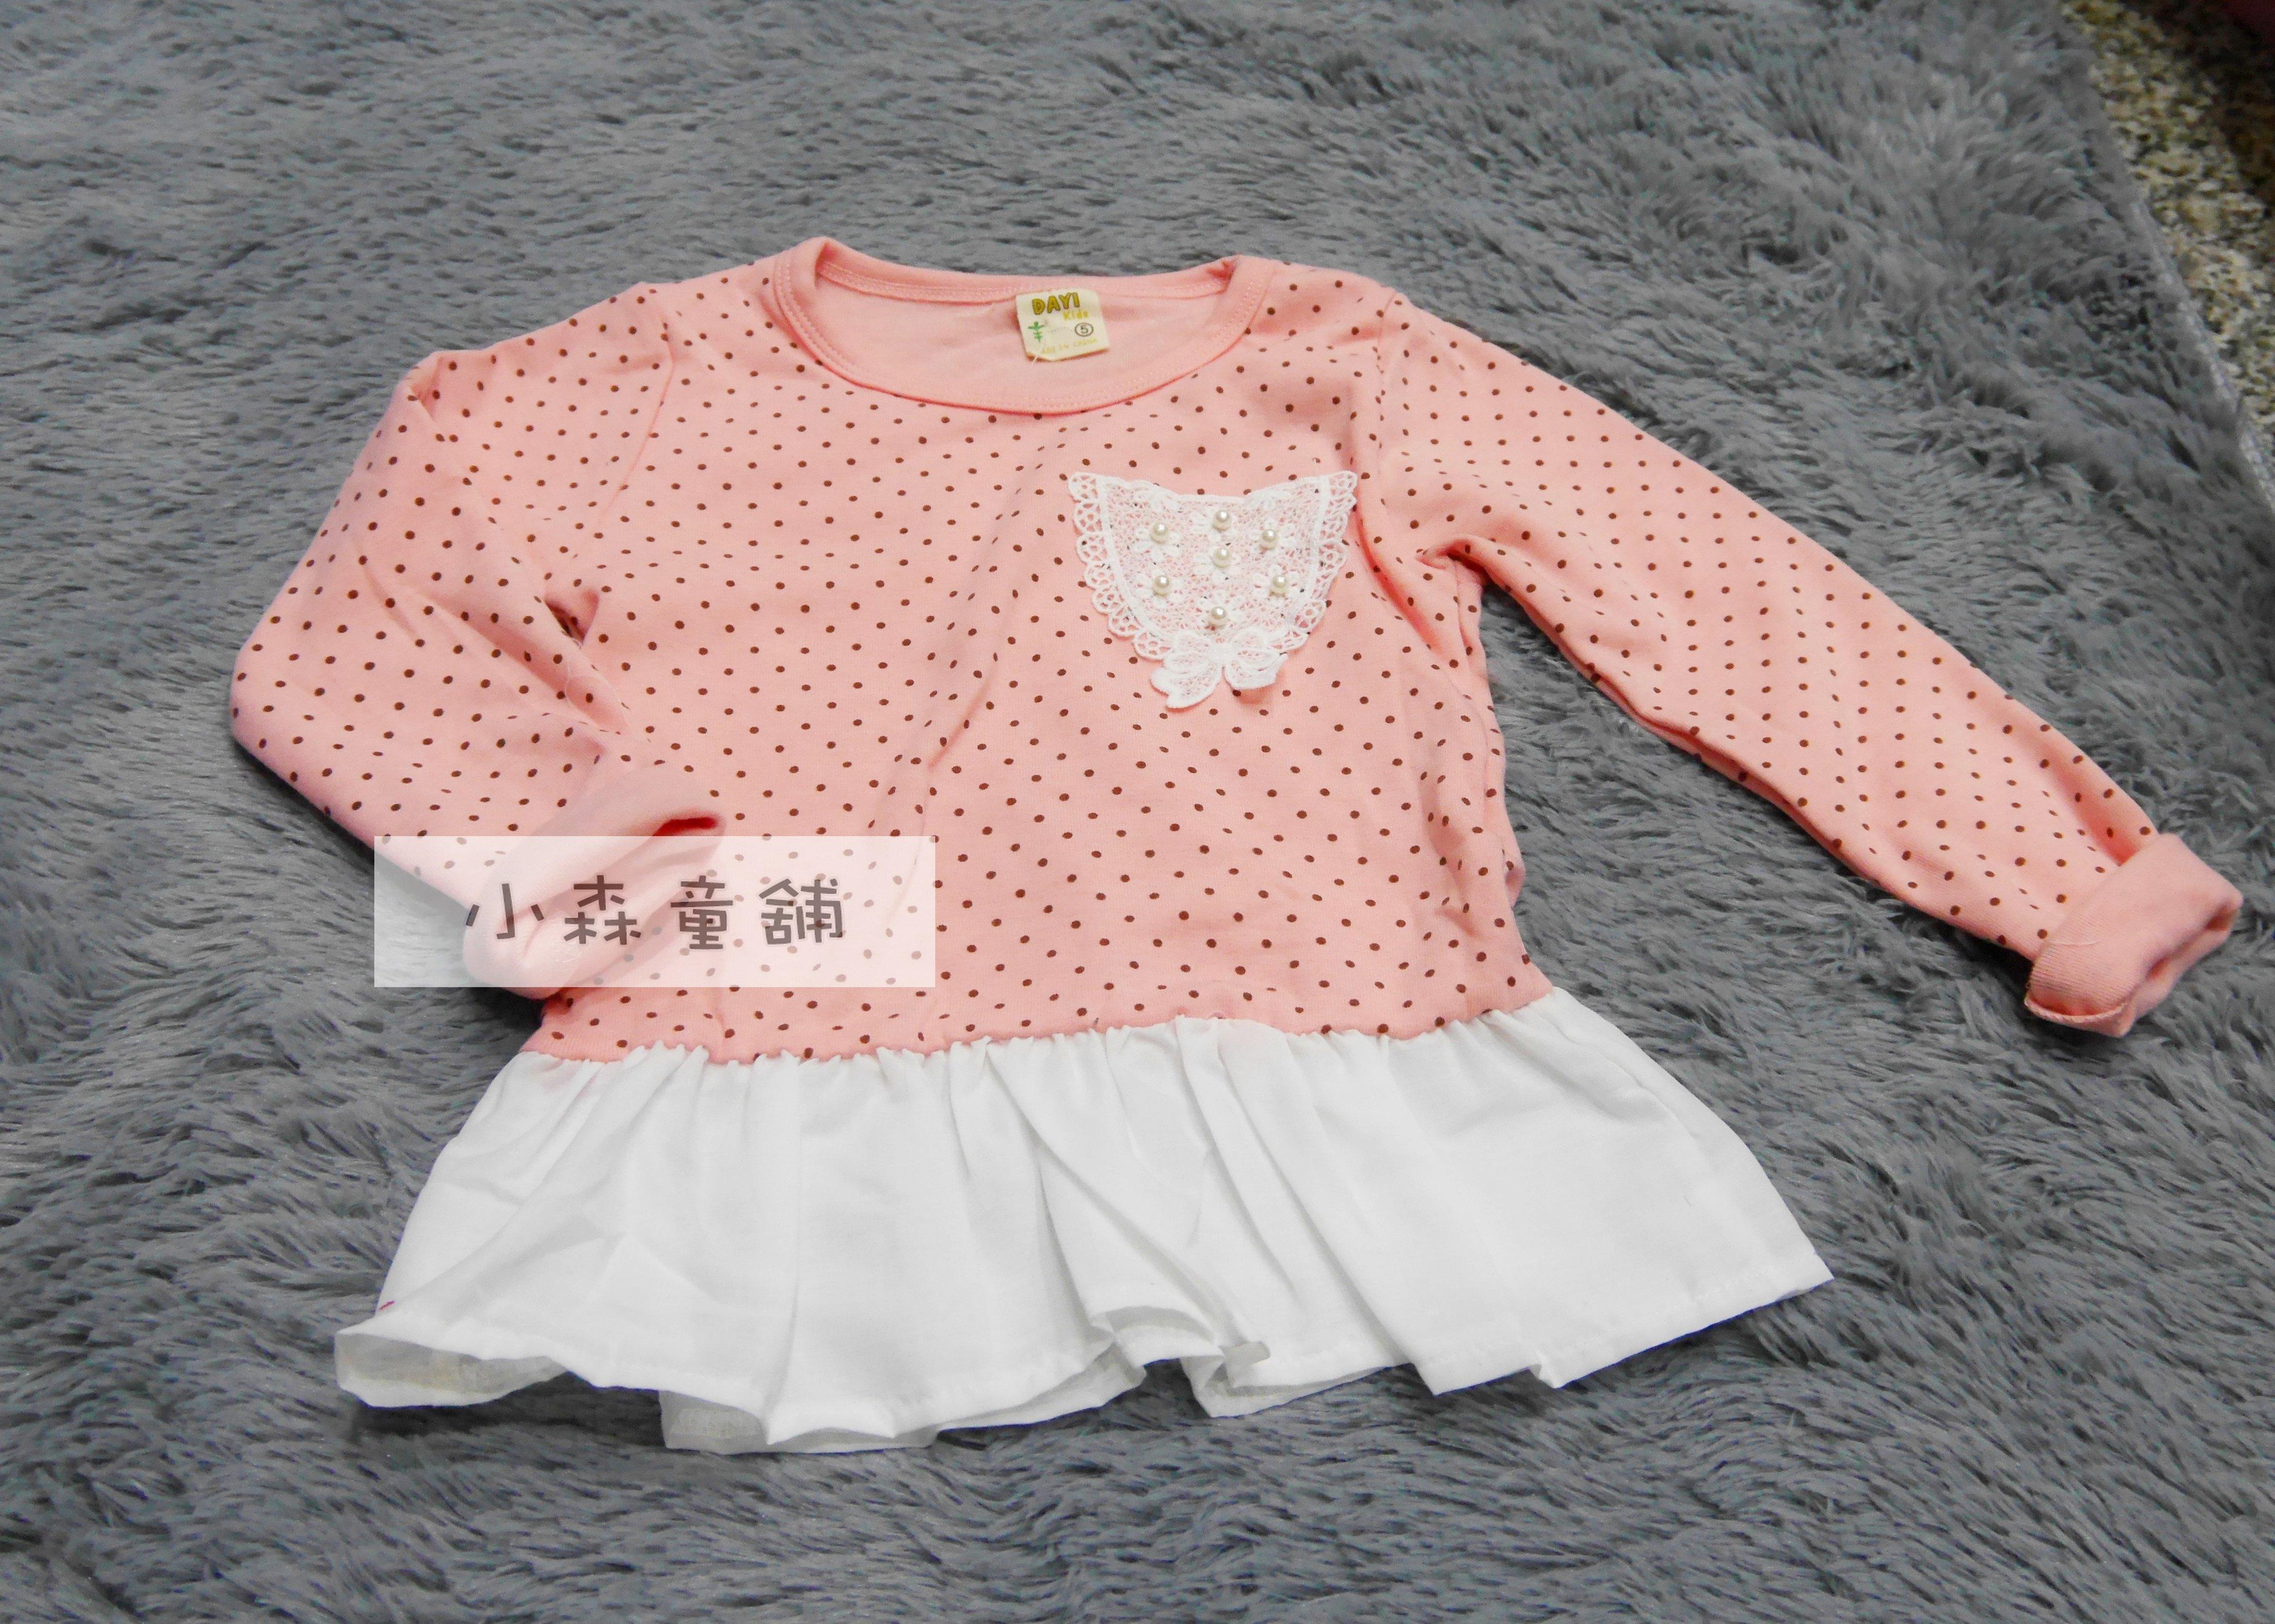 小森童舖  日系可愛點點水玉風格 珍珠x布蕾絲 粉紅棉質拼接長袖上衣 5.7.9.11.13.15號